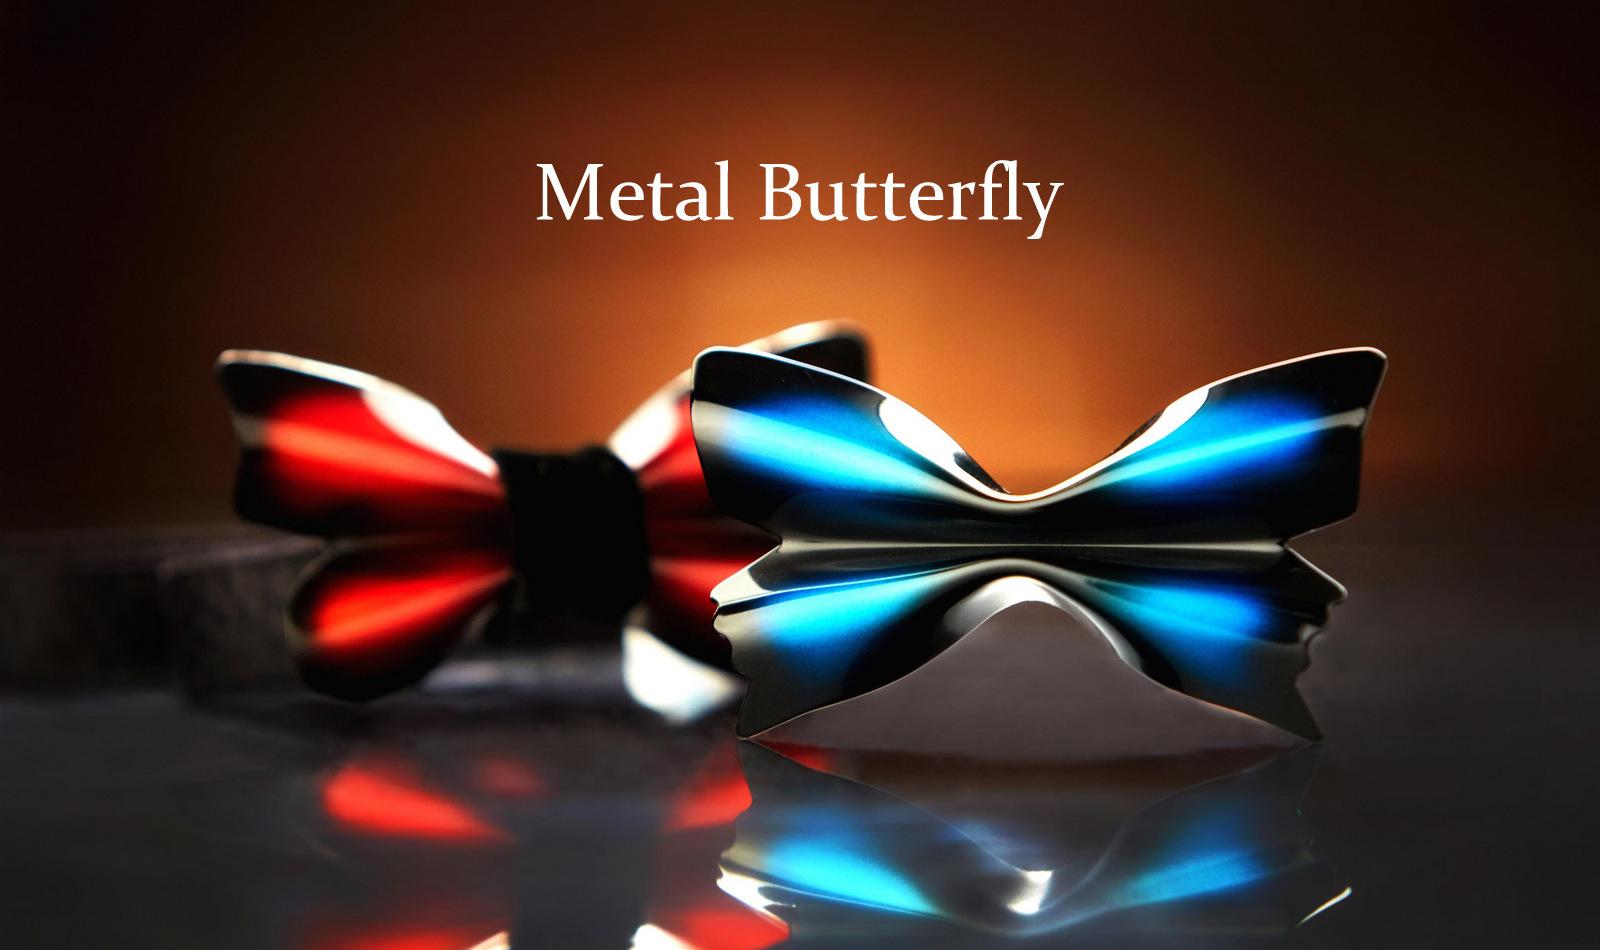 金属製蝶ネクタイ Metal Butterfly